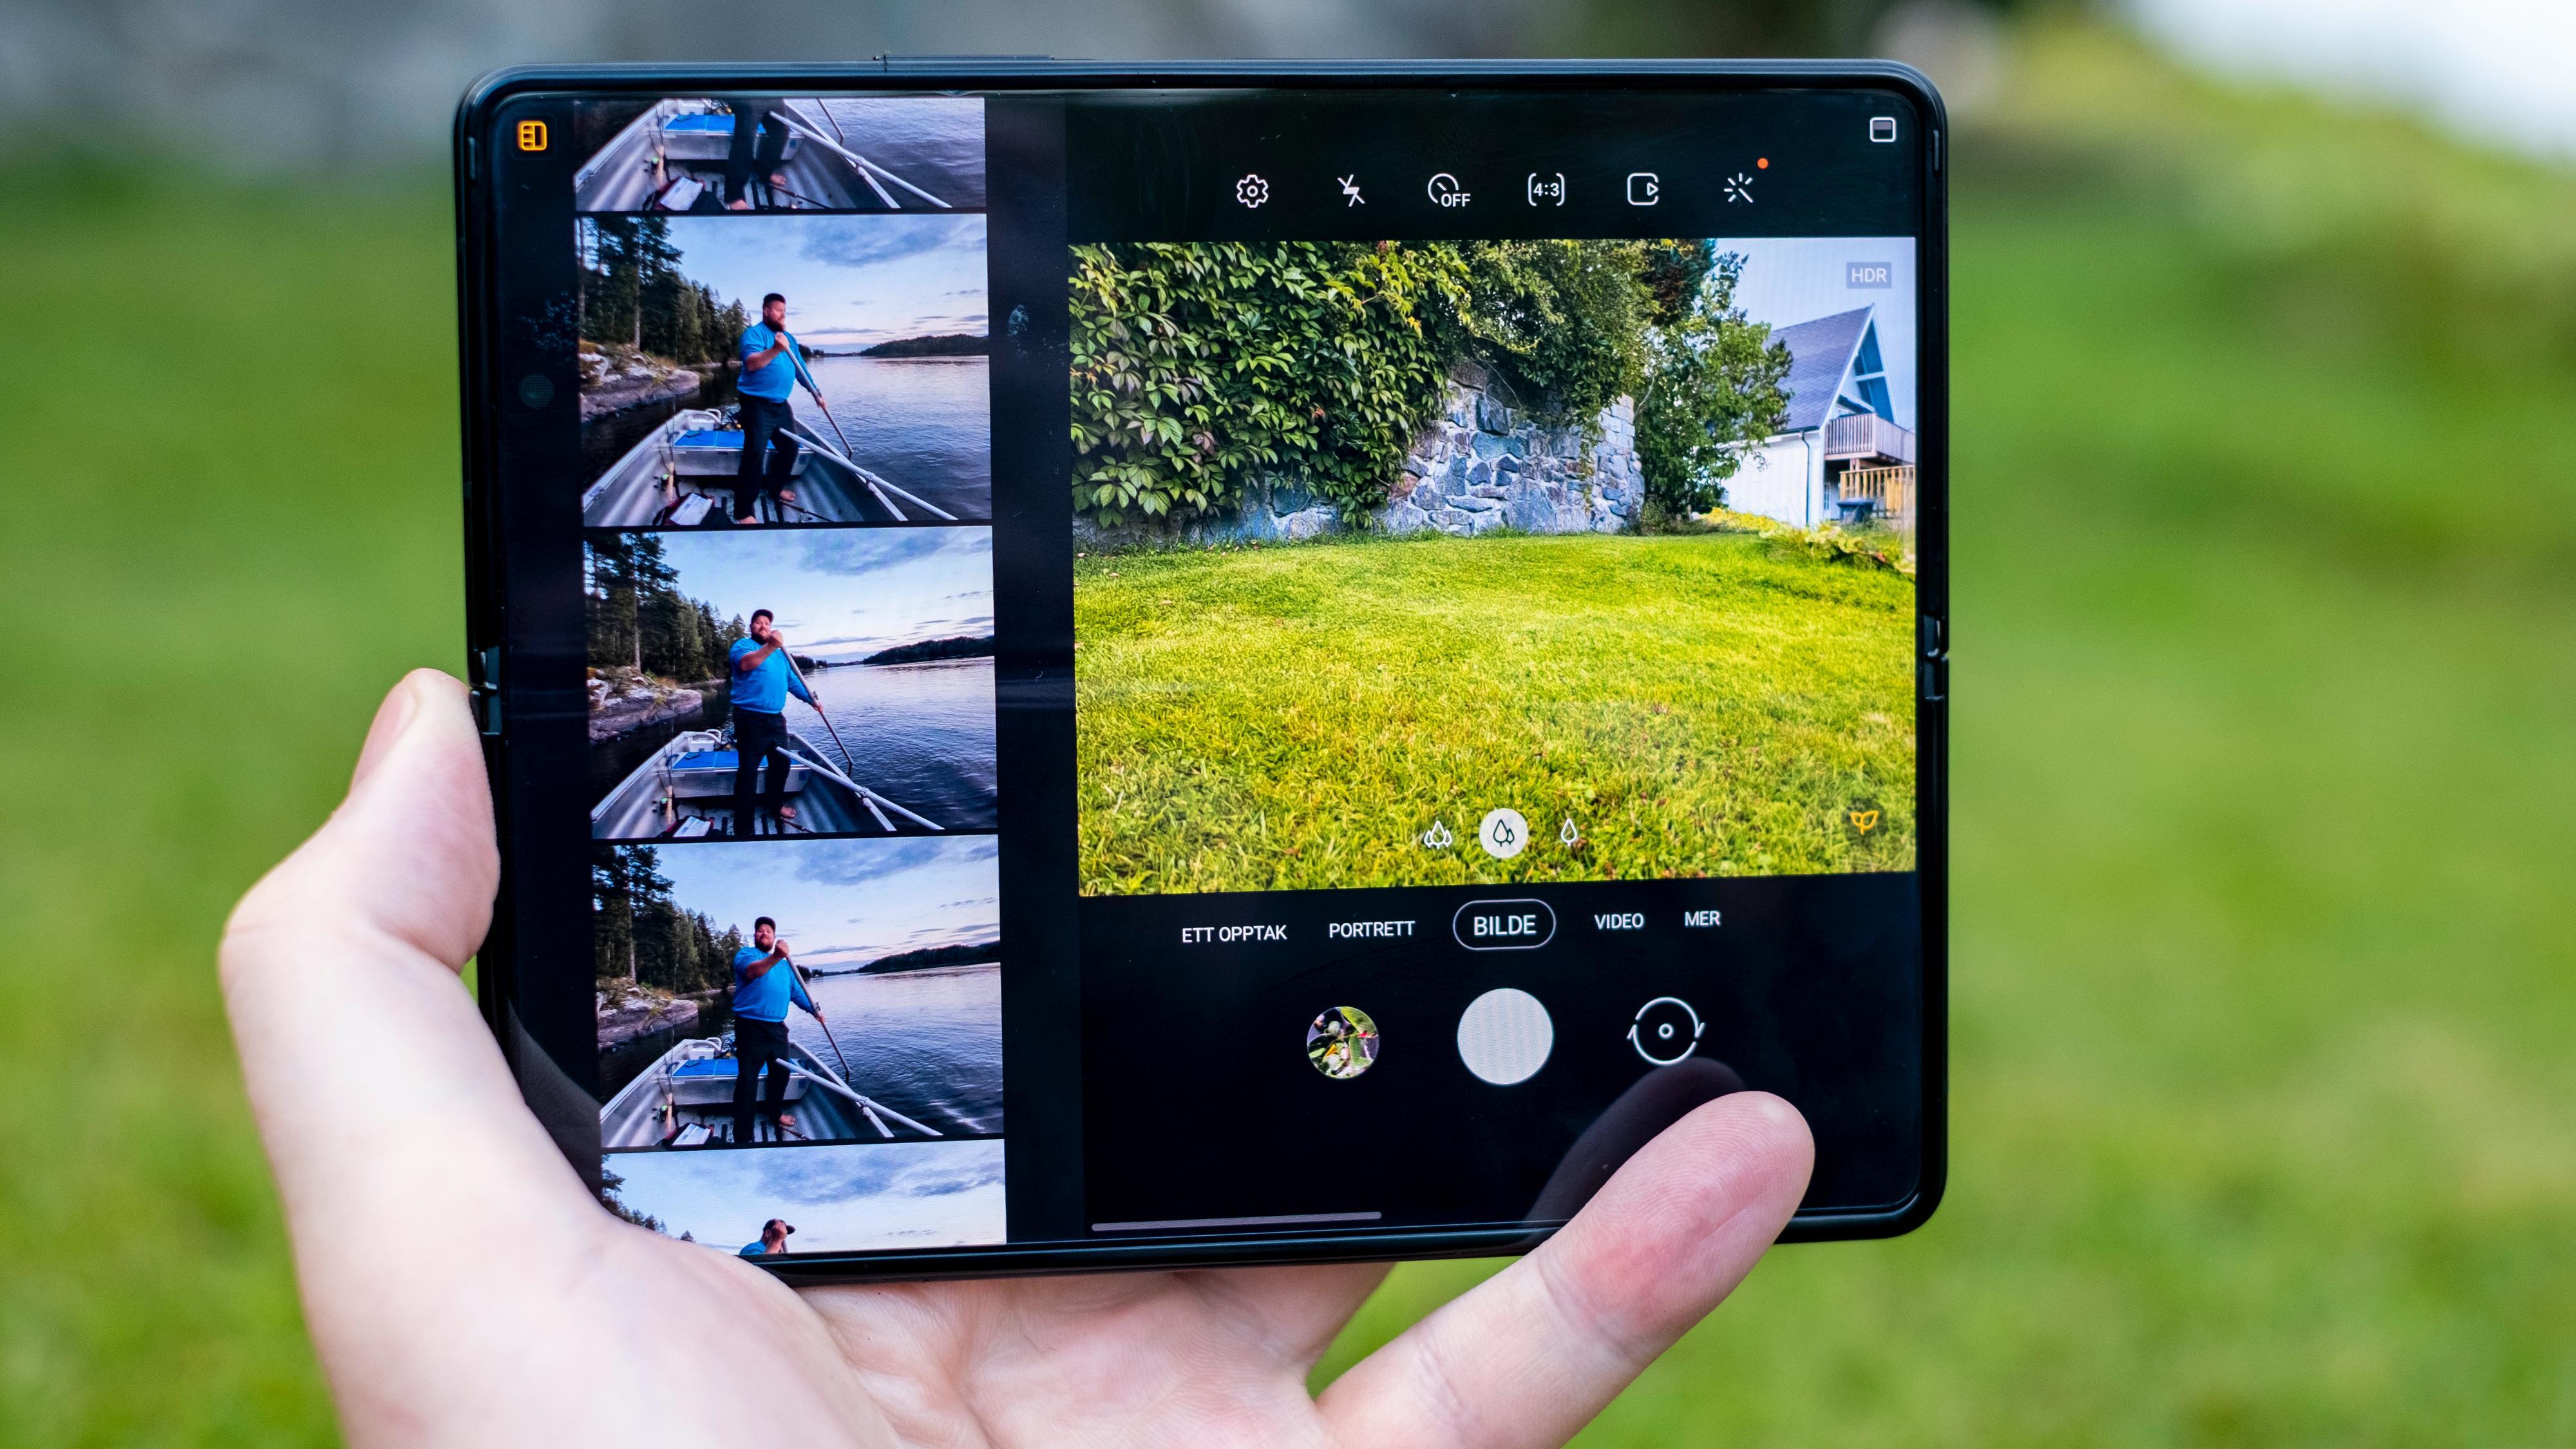 En utvidet fotoapp lar deg se store forhåndsvisninger av bildene du har tatt fra før, i stedet for den lille frimerkeforhåndsvisningen telefoner flest gir.